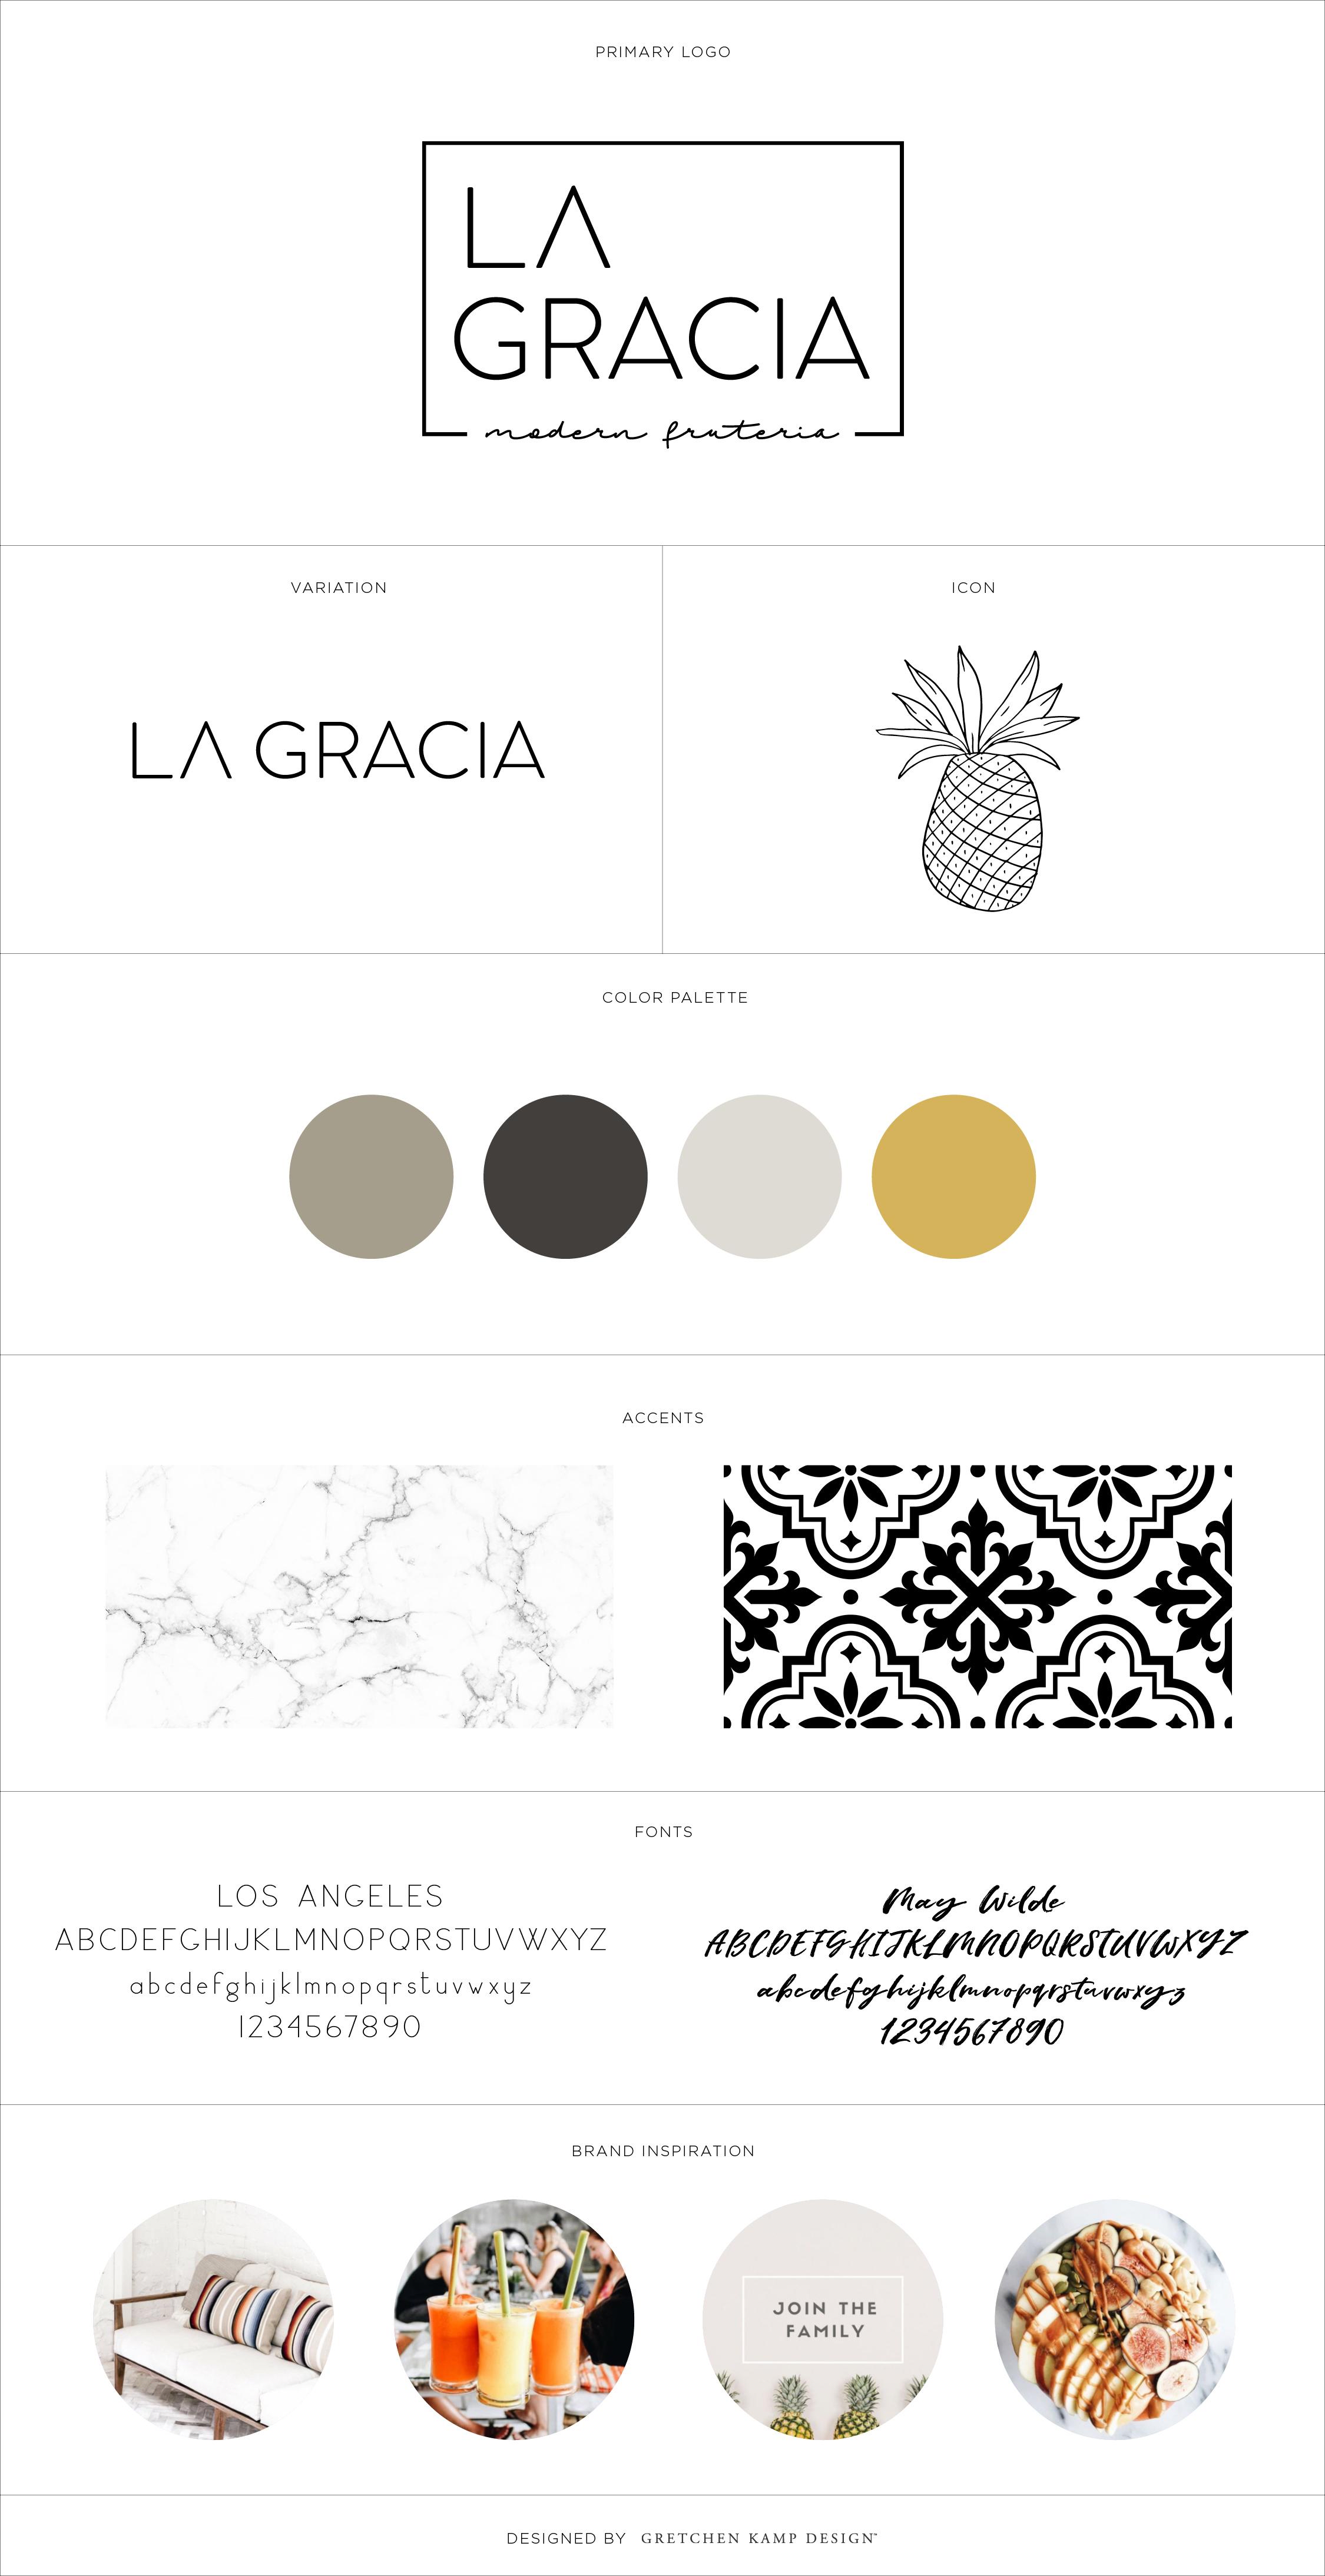 lagracia_brandboard_v05.jpg